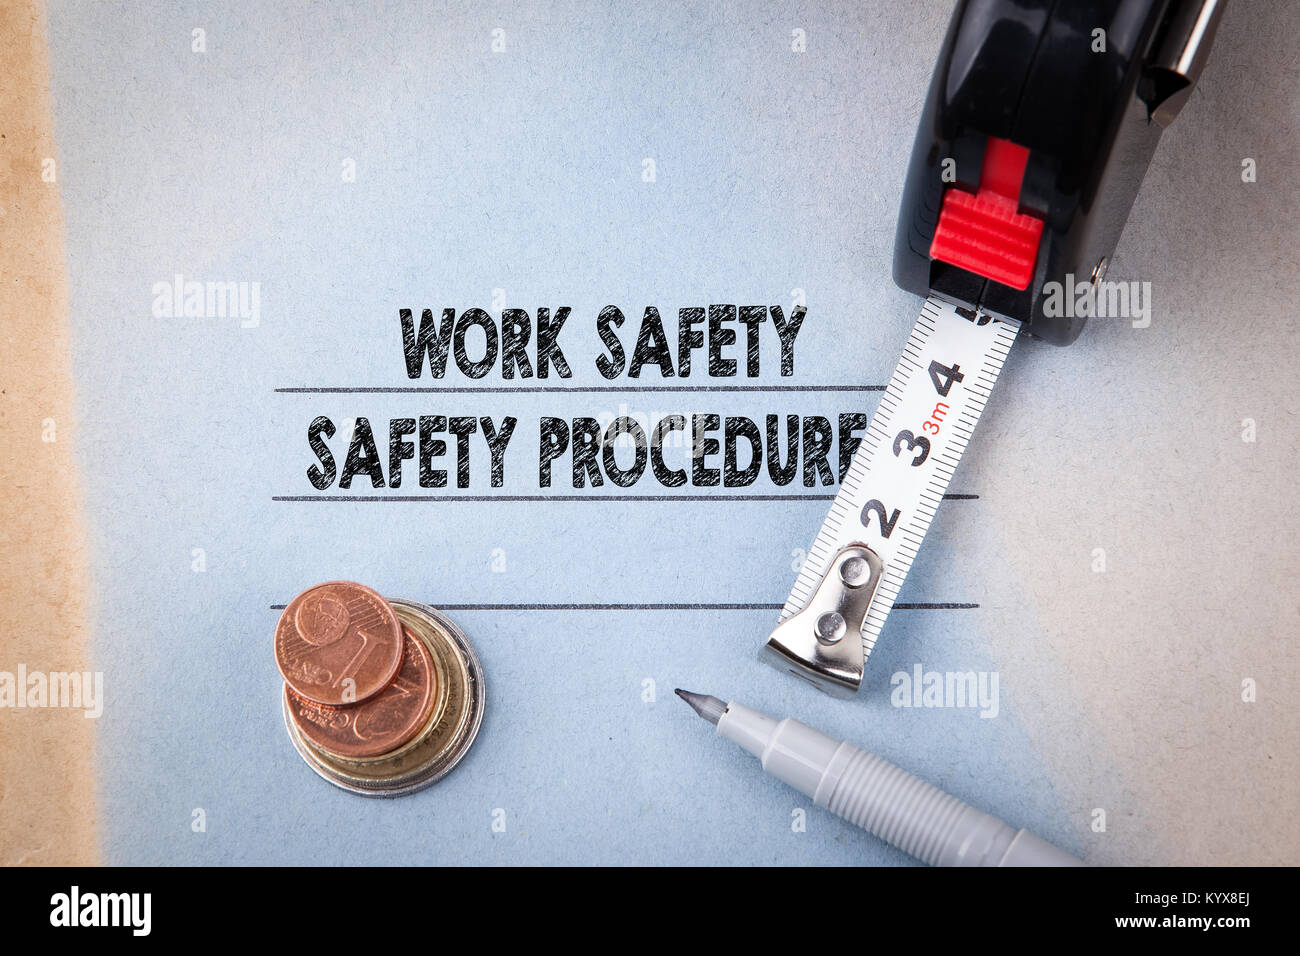 Sicurezza del lavoro e le procedure di sicurezza. pericoli, protezioni, salute e regolamenti Immagini Stock